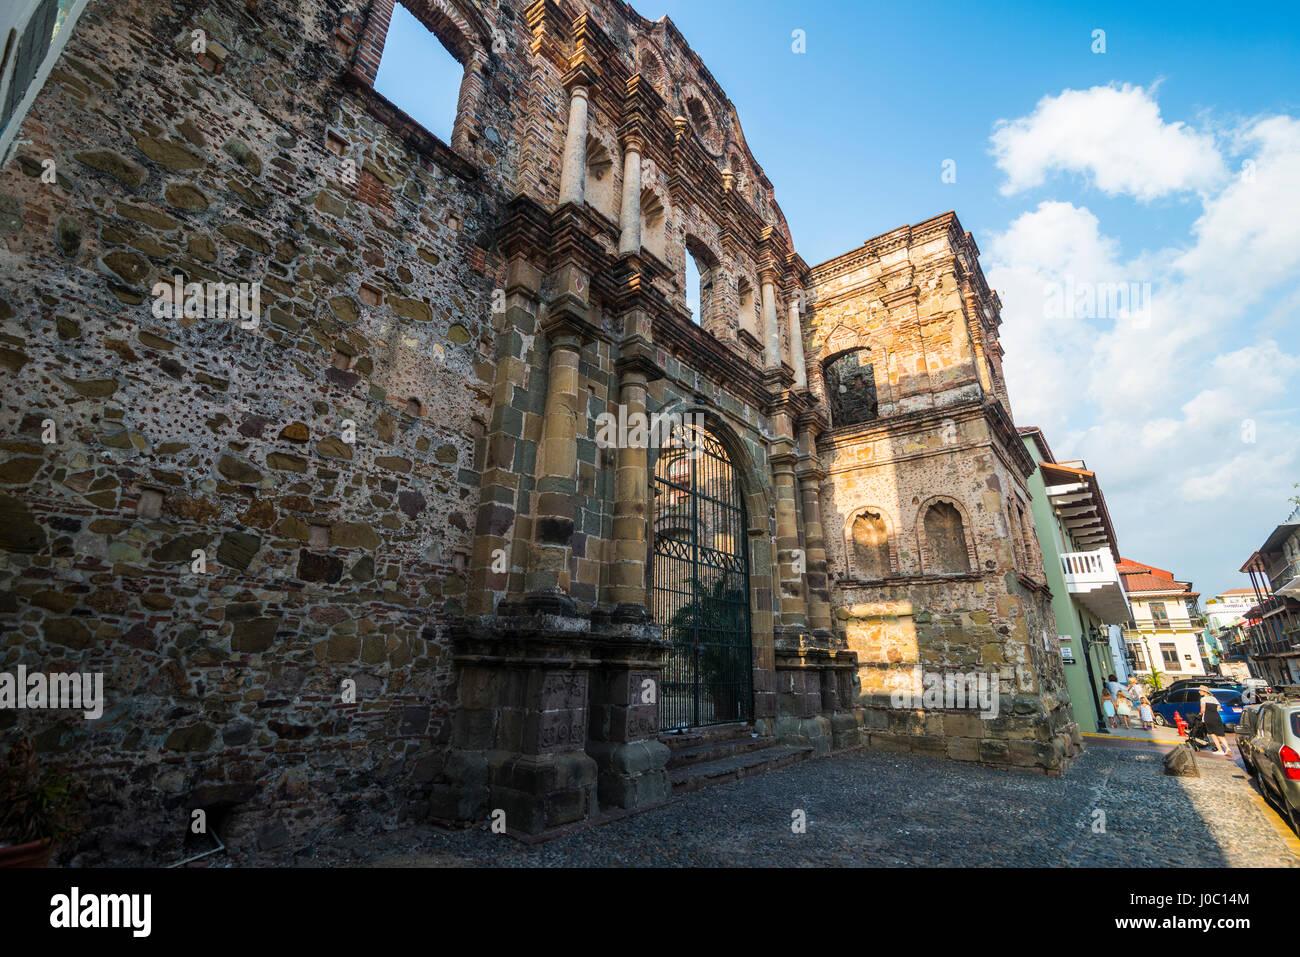 La Società di Gesù, Casco Viejo, Sito Patrimonio Mondiale dell'UNESCO, Panama City, Panama America Immagini Stock